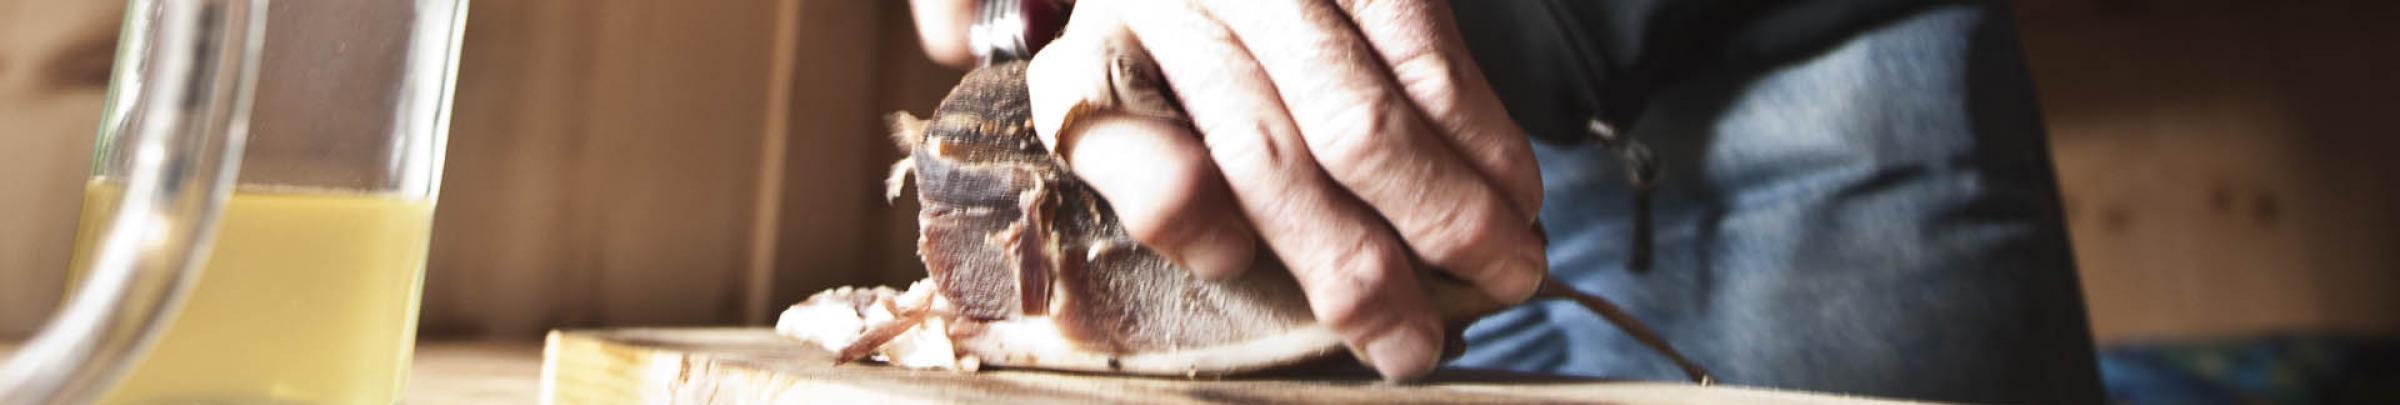 Öffentliche Mittagstische bieten Seniorinnen und Senioren die Möglichkeit, in Gesellschaft zu essen.